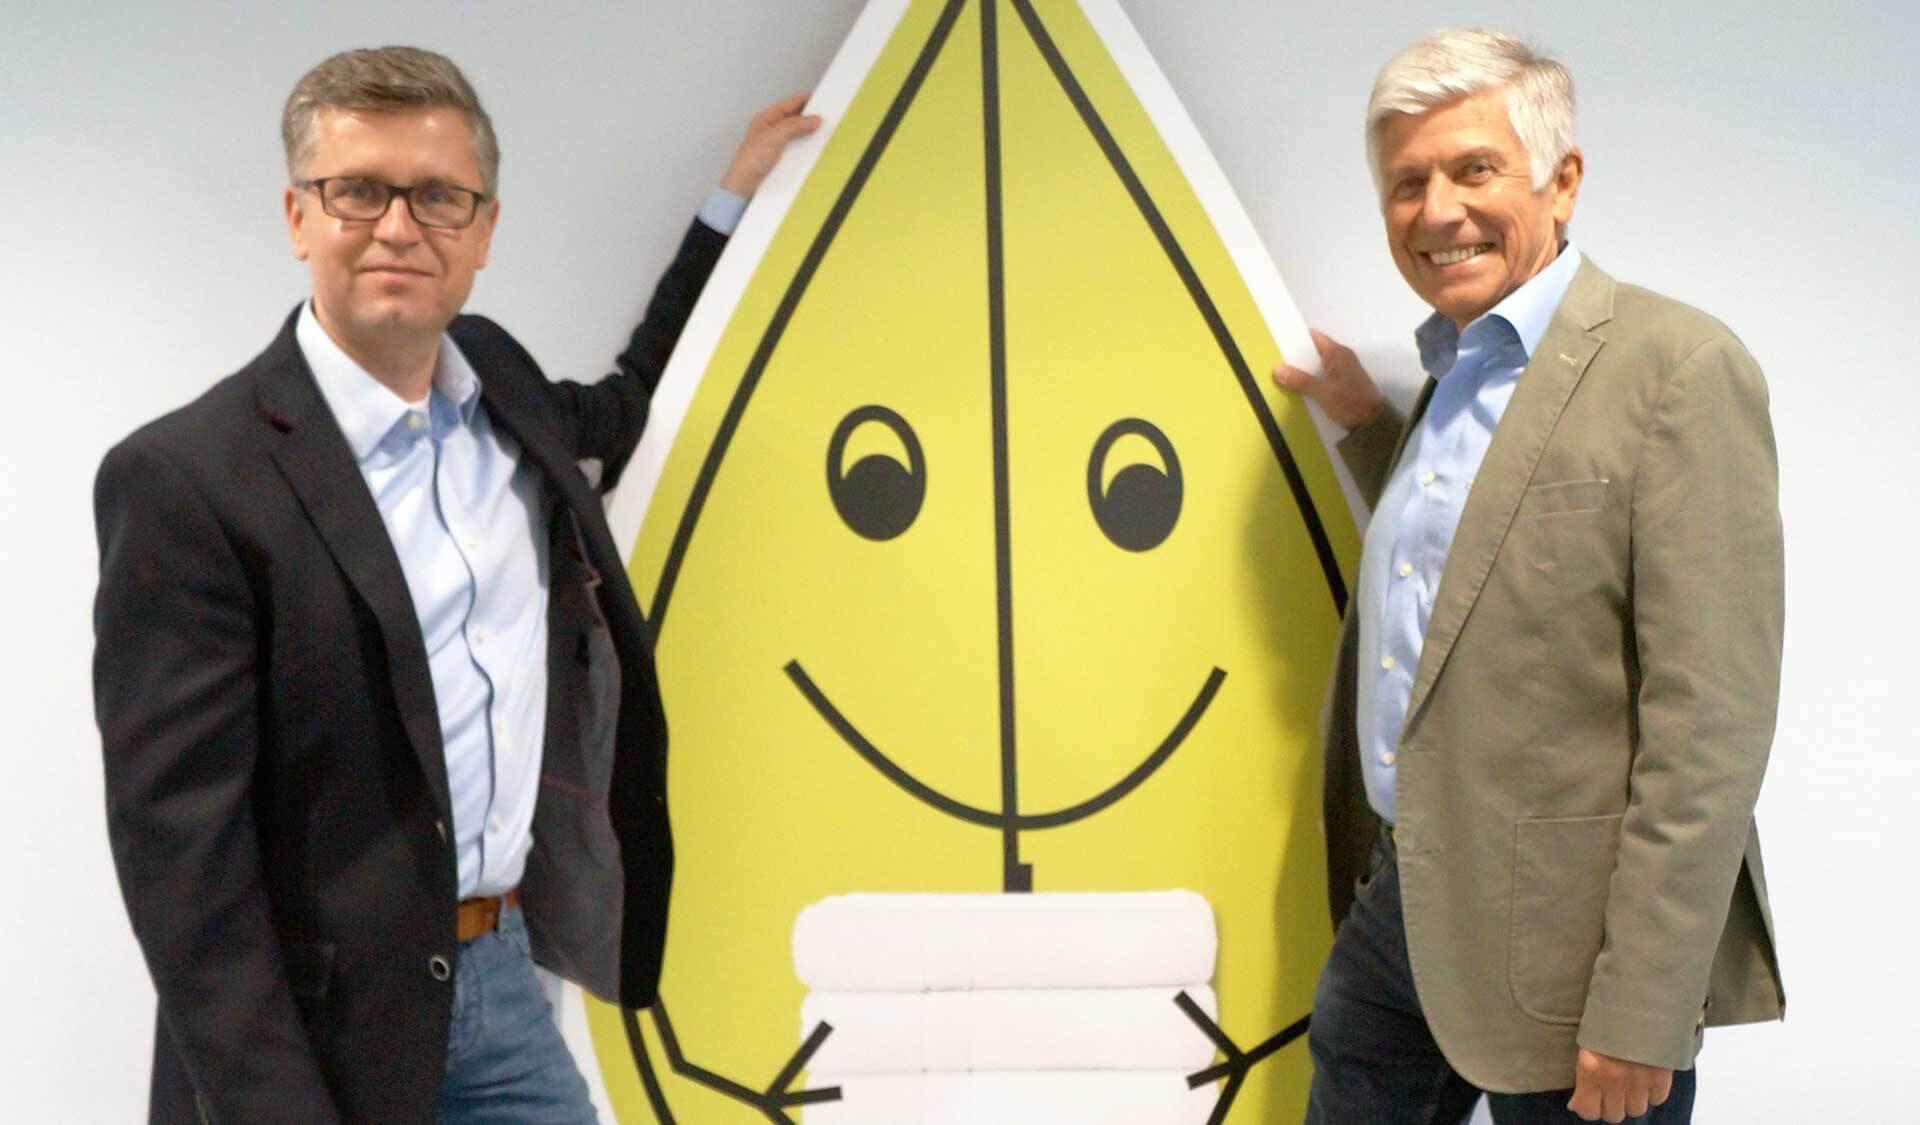 Der neue Almawin-Vertriebsleiter Bernd Rühle (links) und sein Vorgänger Ignaz Muttenhammer.